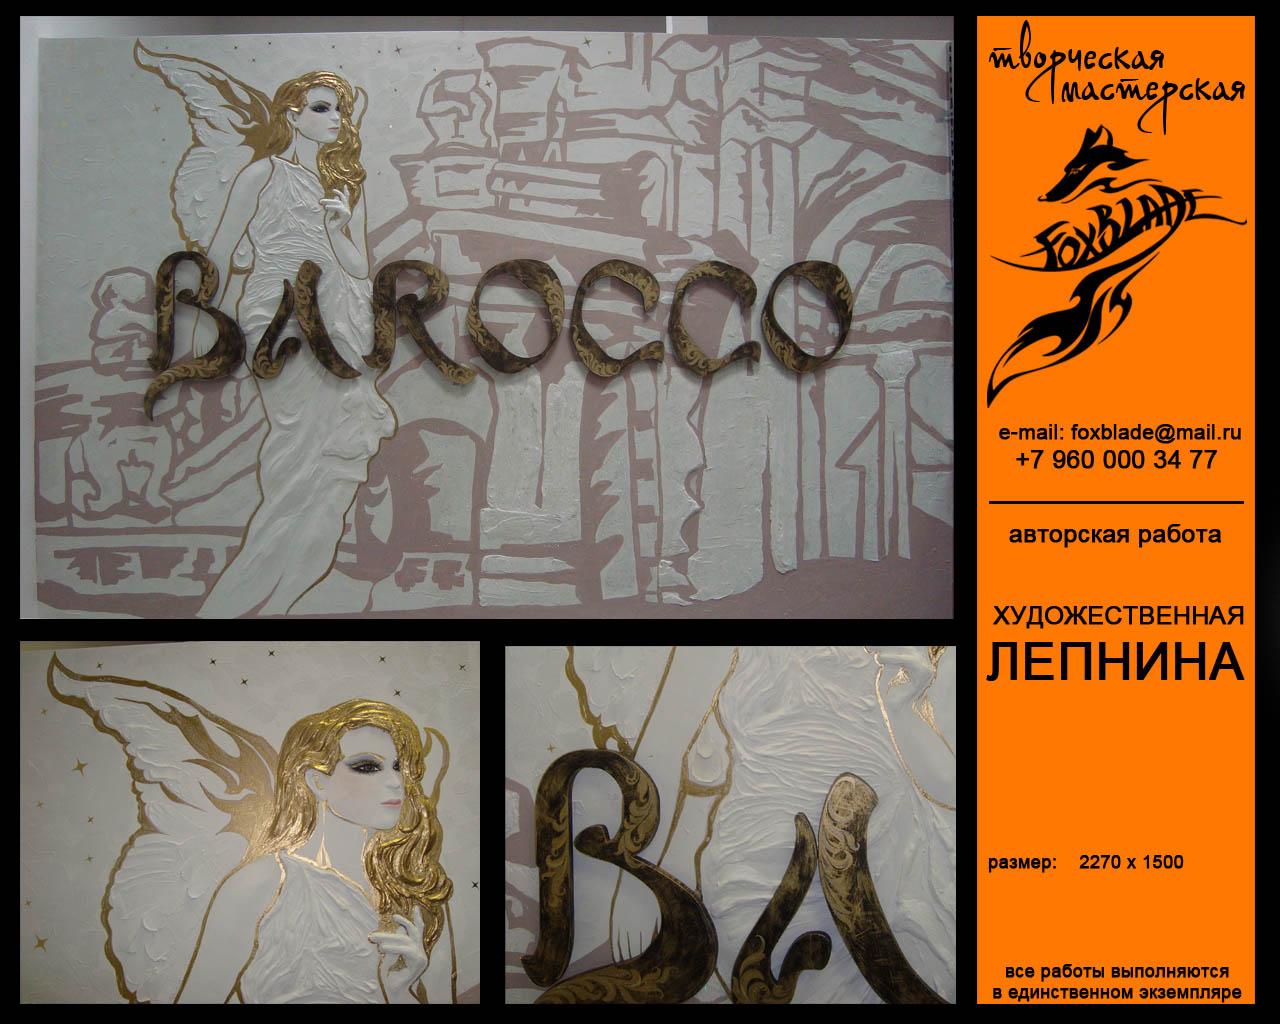 Авторские работы в Северодвинске - 01big 8